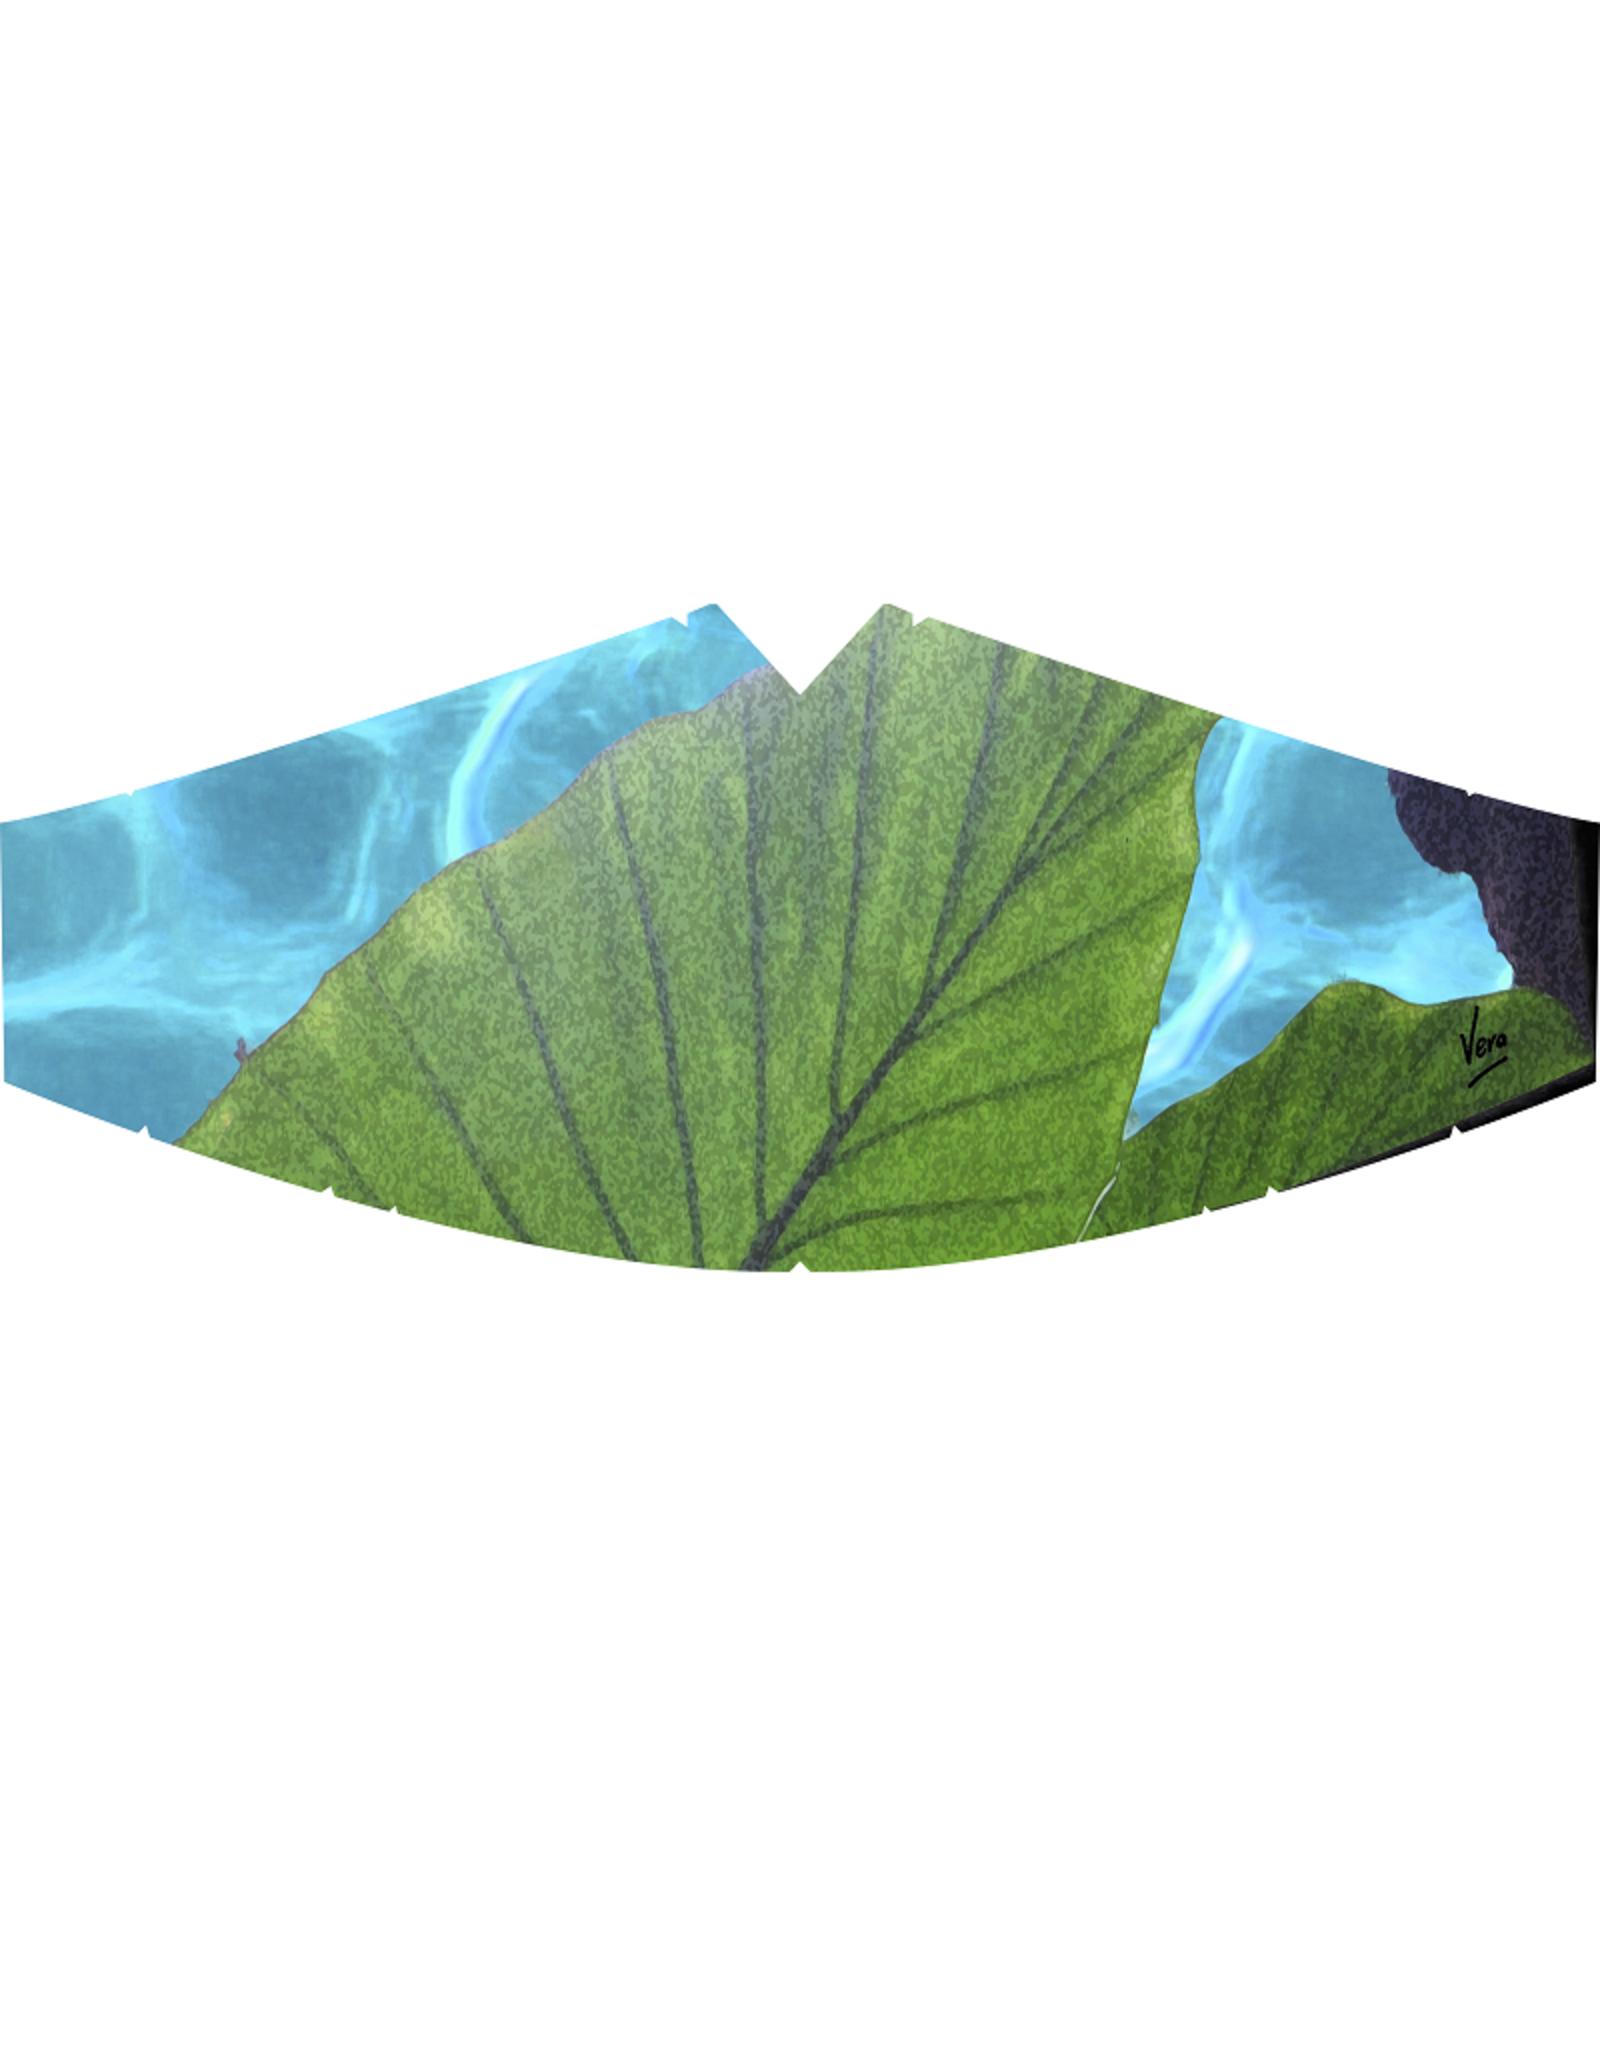 Leaf - mask by Vera Zegermans - Netherlands